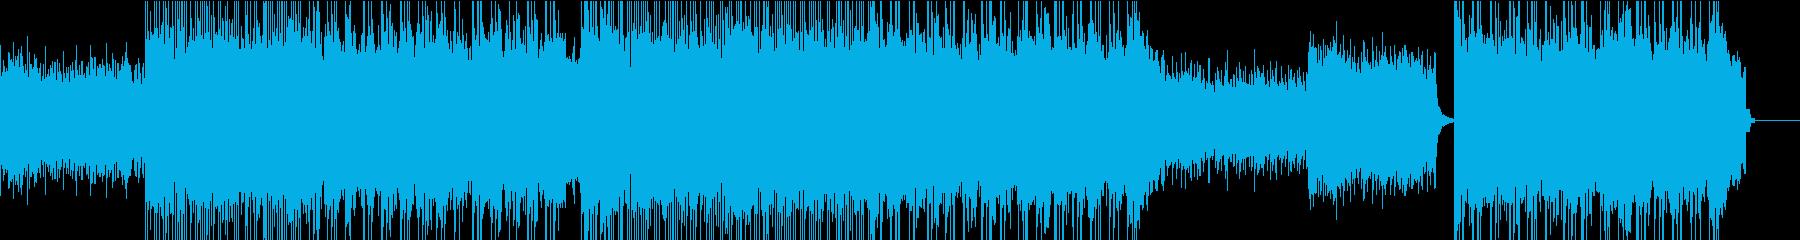 壮大で明るいポップ・ロックミュージックの再生済みの波形